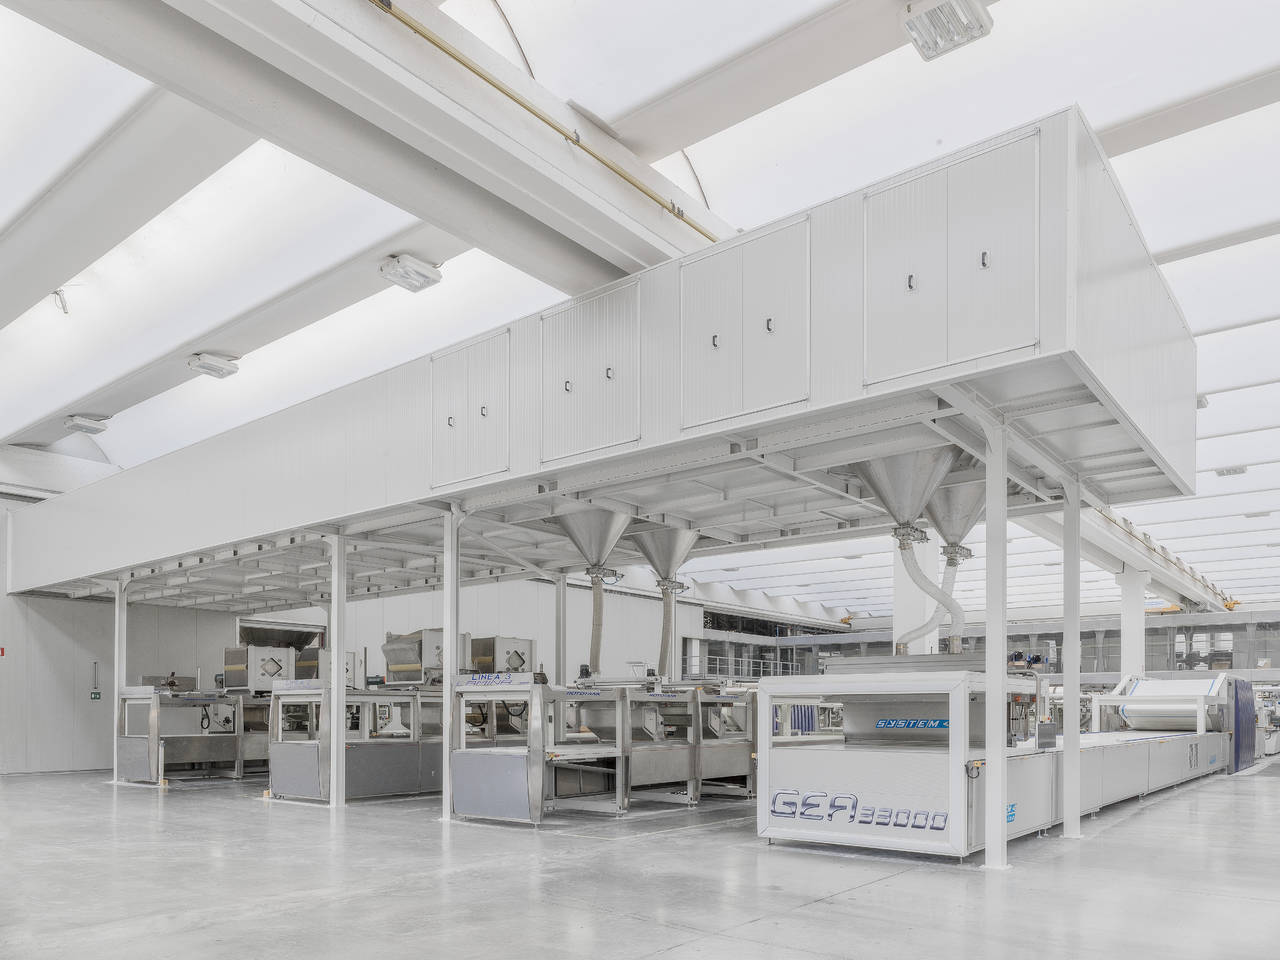 Nuovo impianto Laminam per i piani di lavoro delle cucine | Ambiente ...